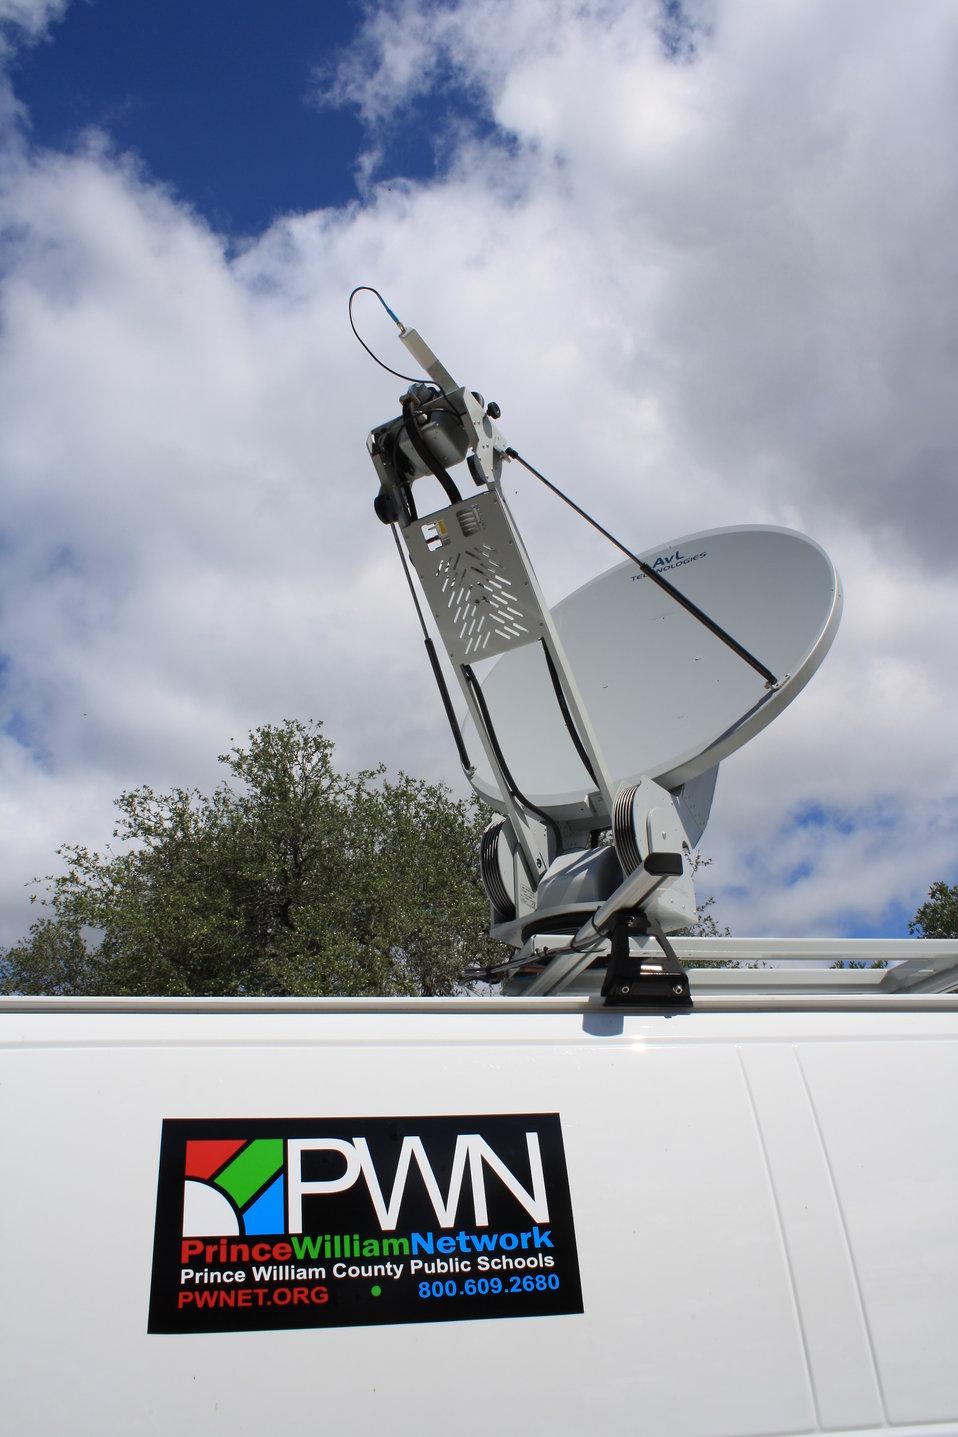 Prince William Network van and satellite uplink